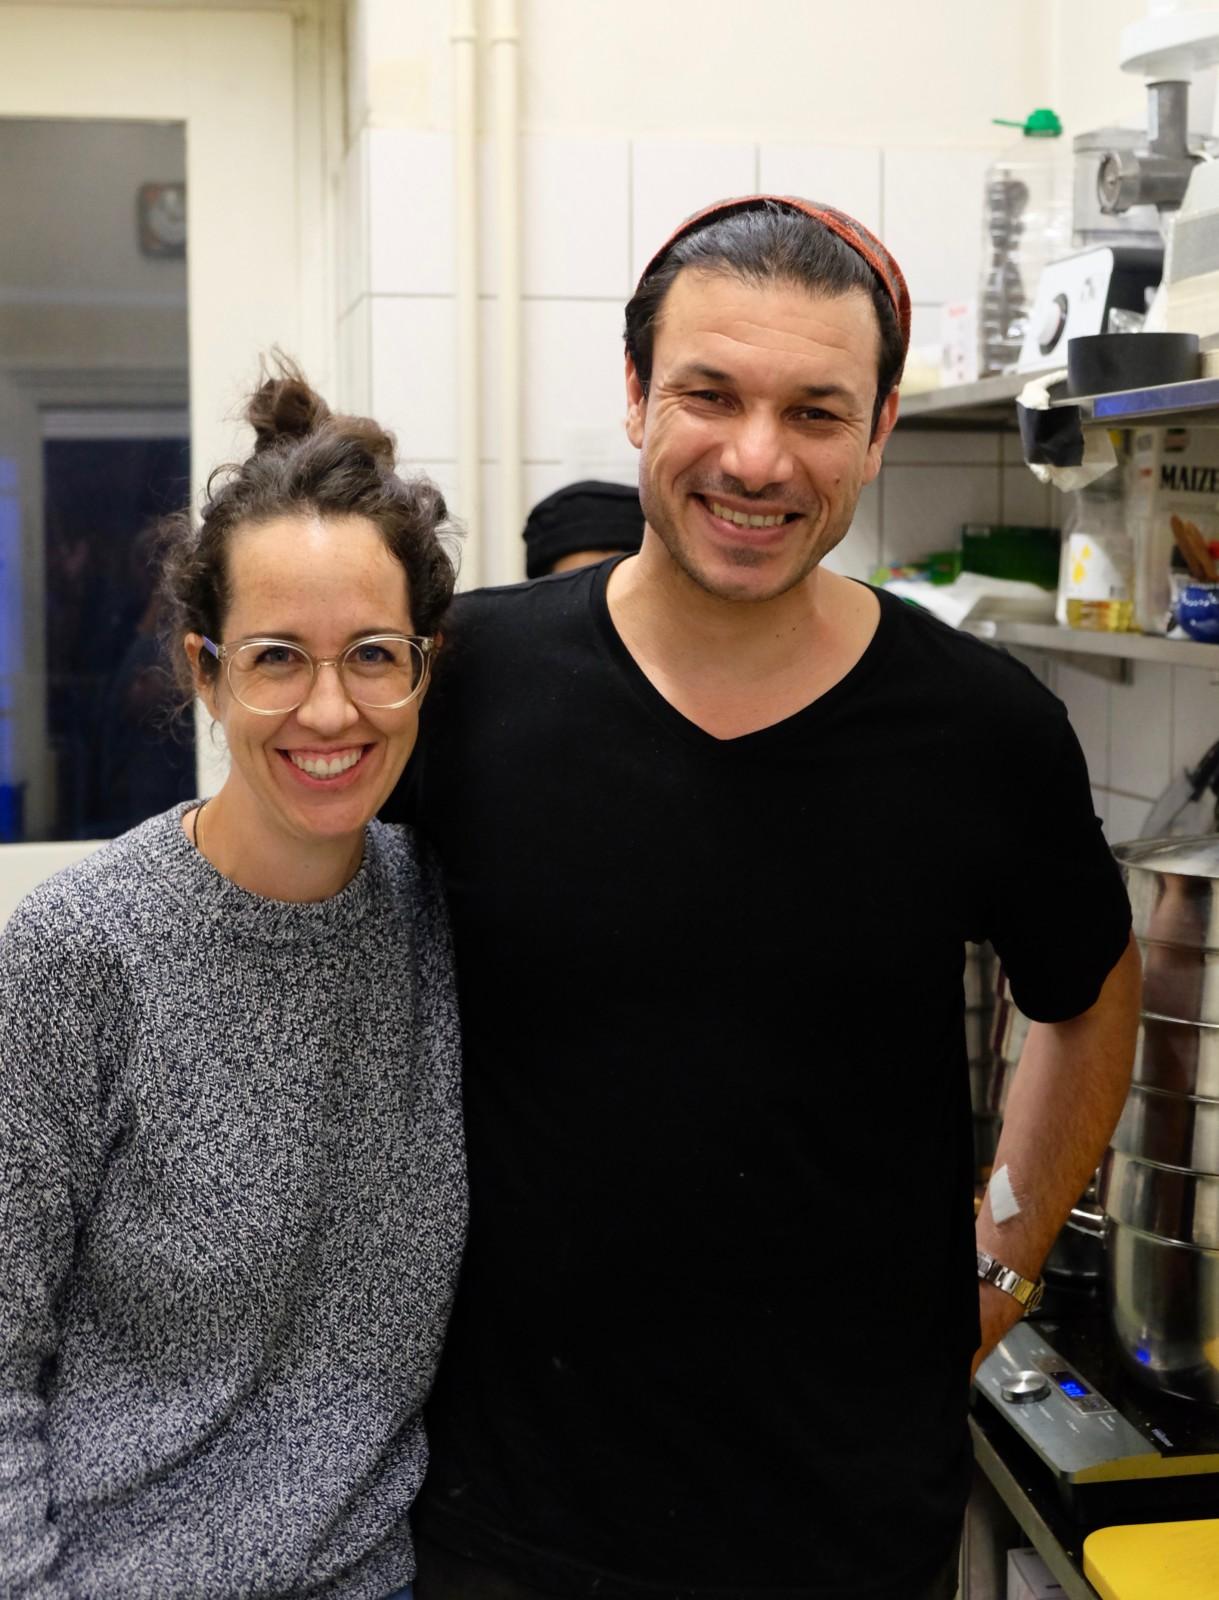 Da strahlen sie! Das herzige Gastgeberpaar Jennifer und Akram in ihrem ersten eigenen Restaurant. Foto: Lunchgate/Anna